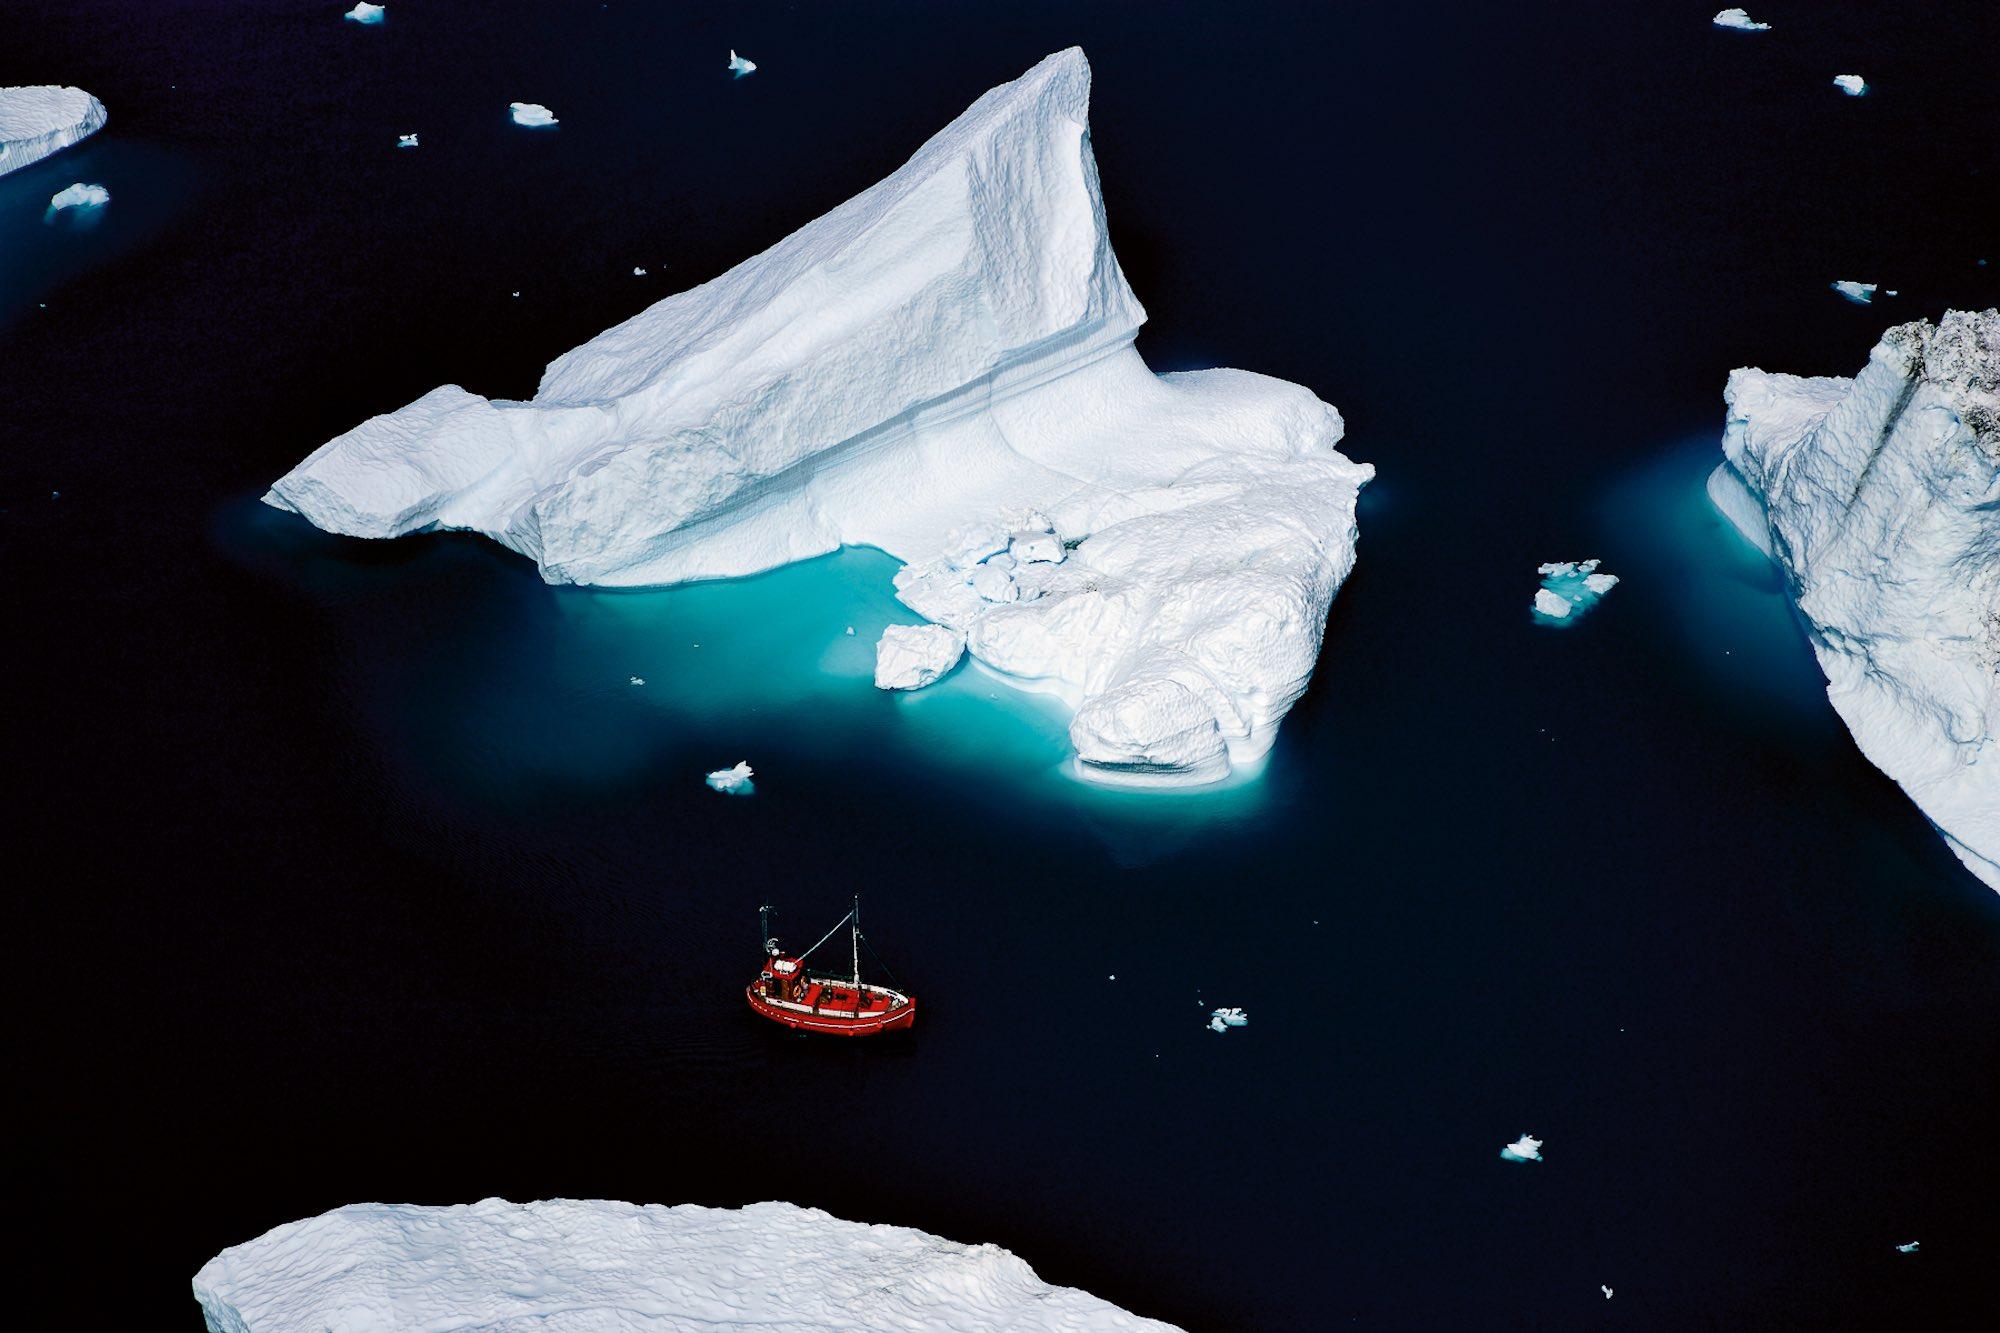 Boat & Icebergs - Yann Arthus-Bertrand